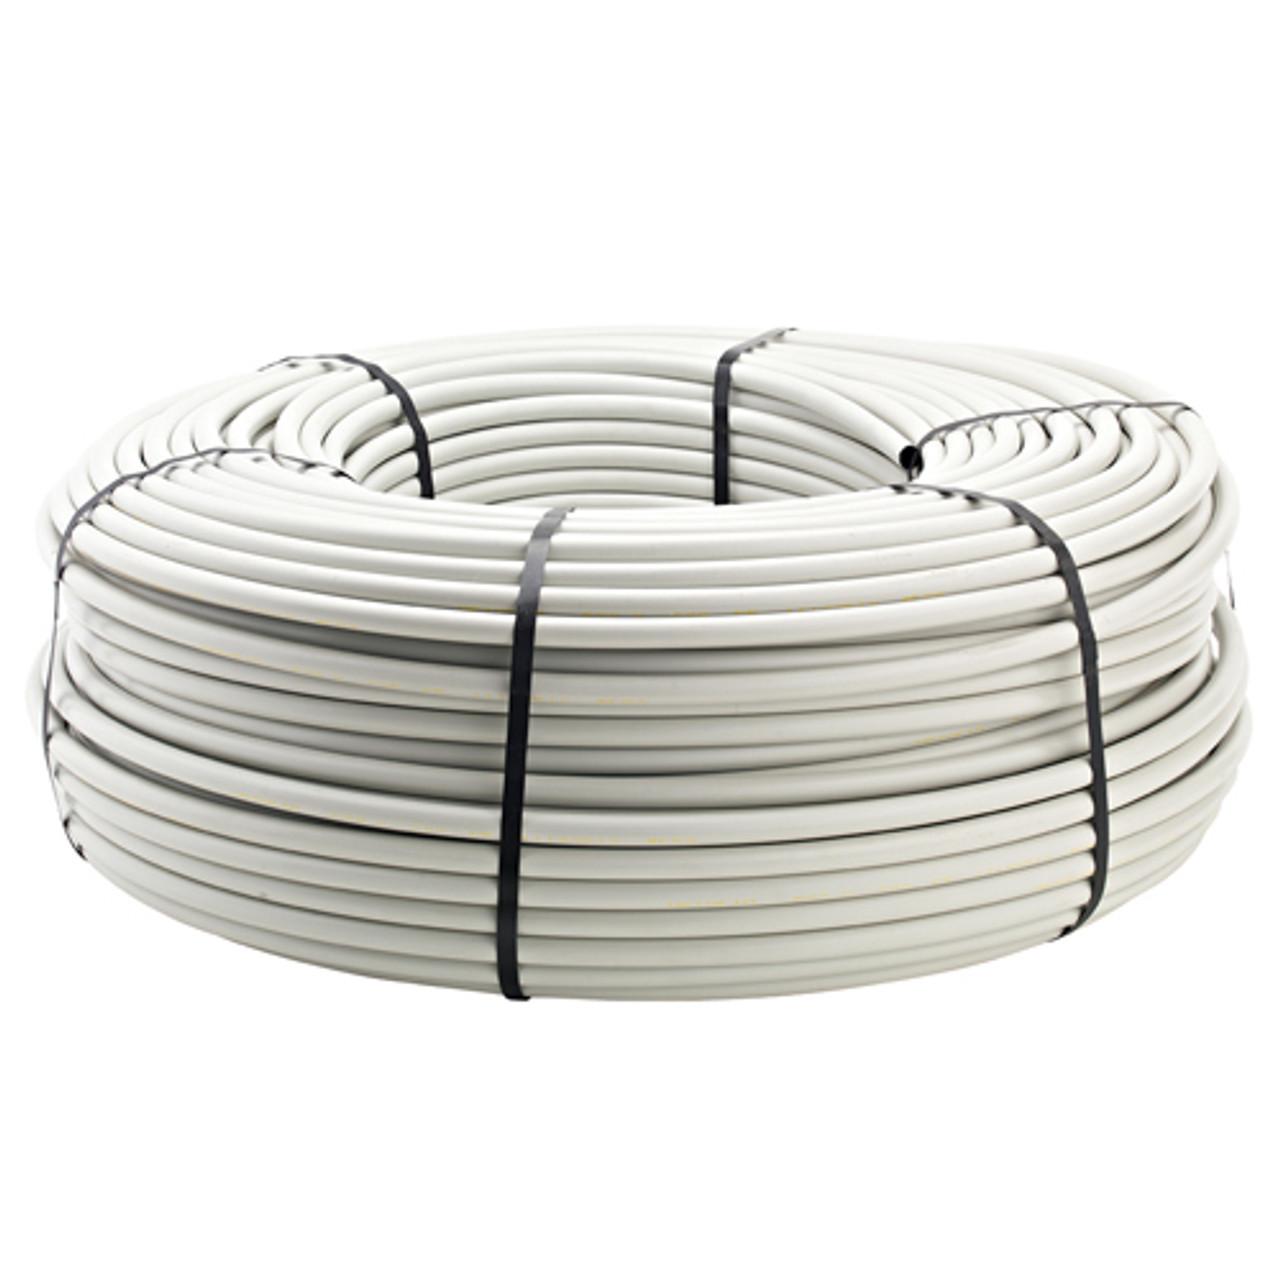 Netafim PE Tubing 16mm 1000' White